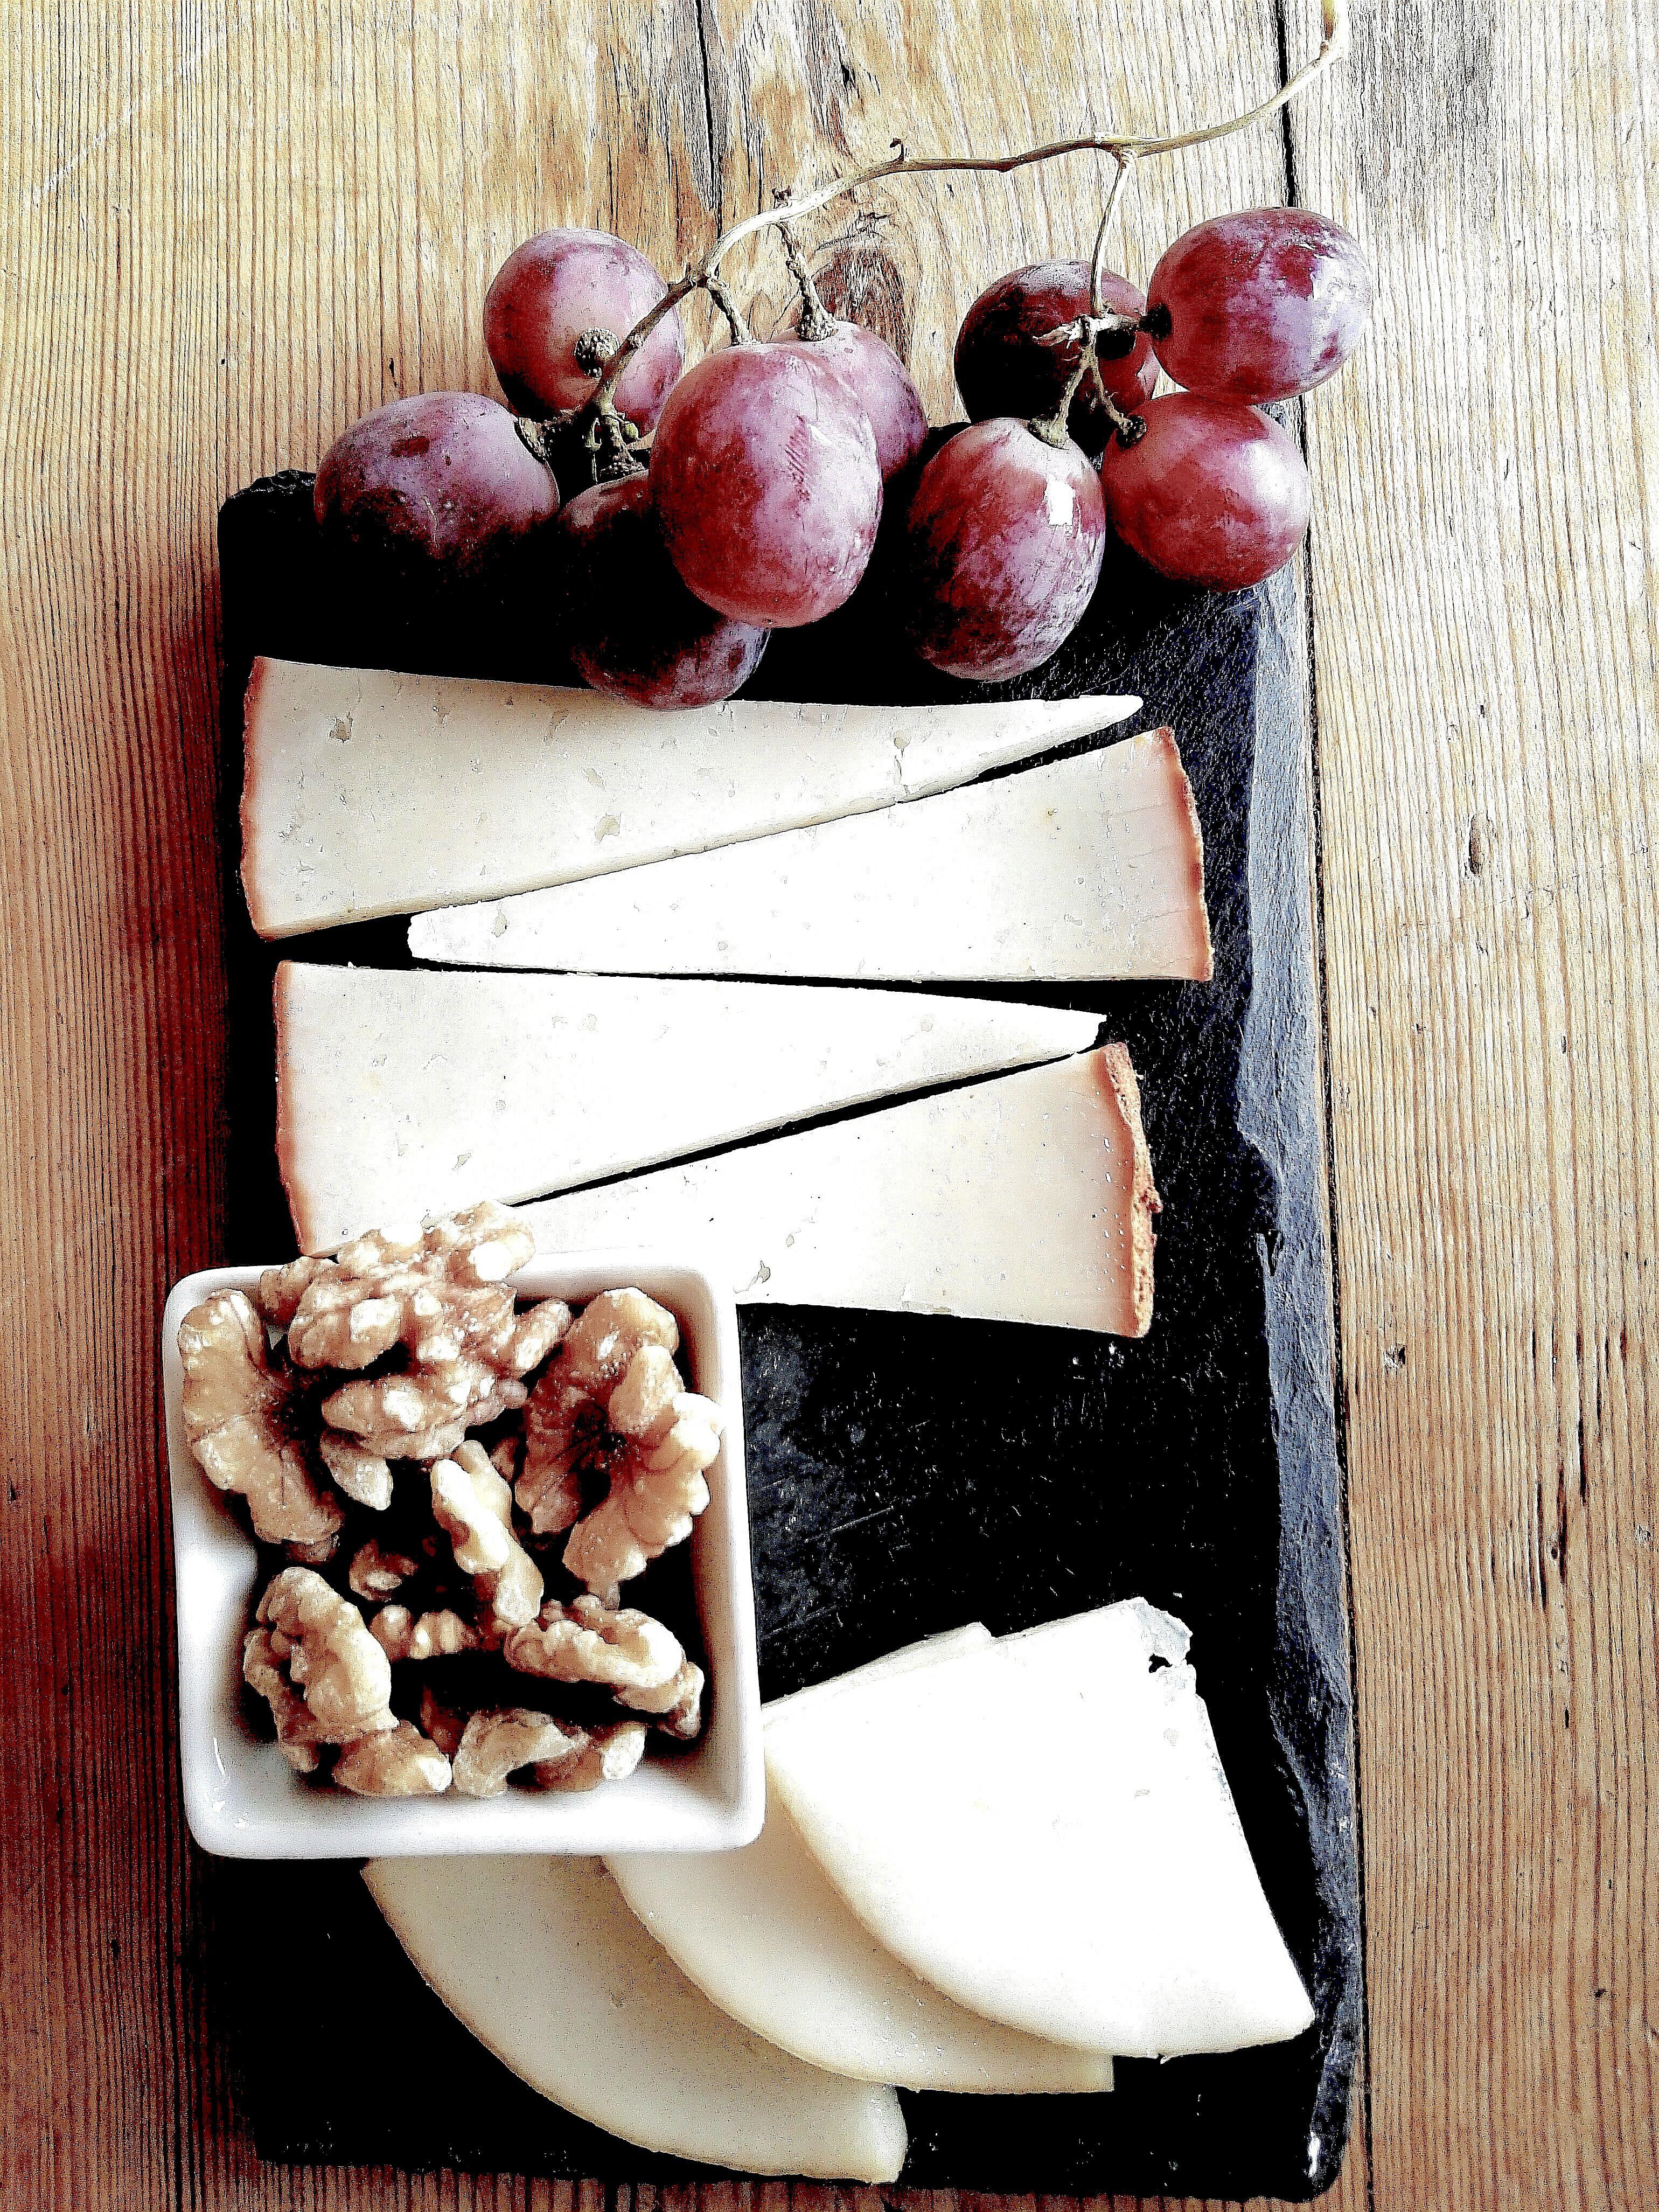 Ven a probar nuestros quesos en Tenerife